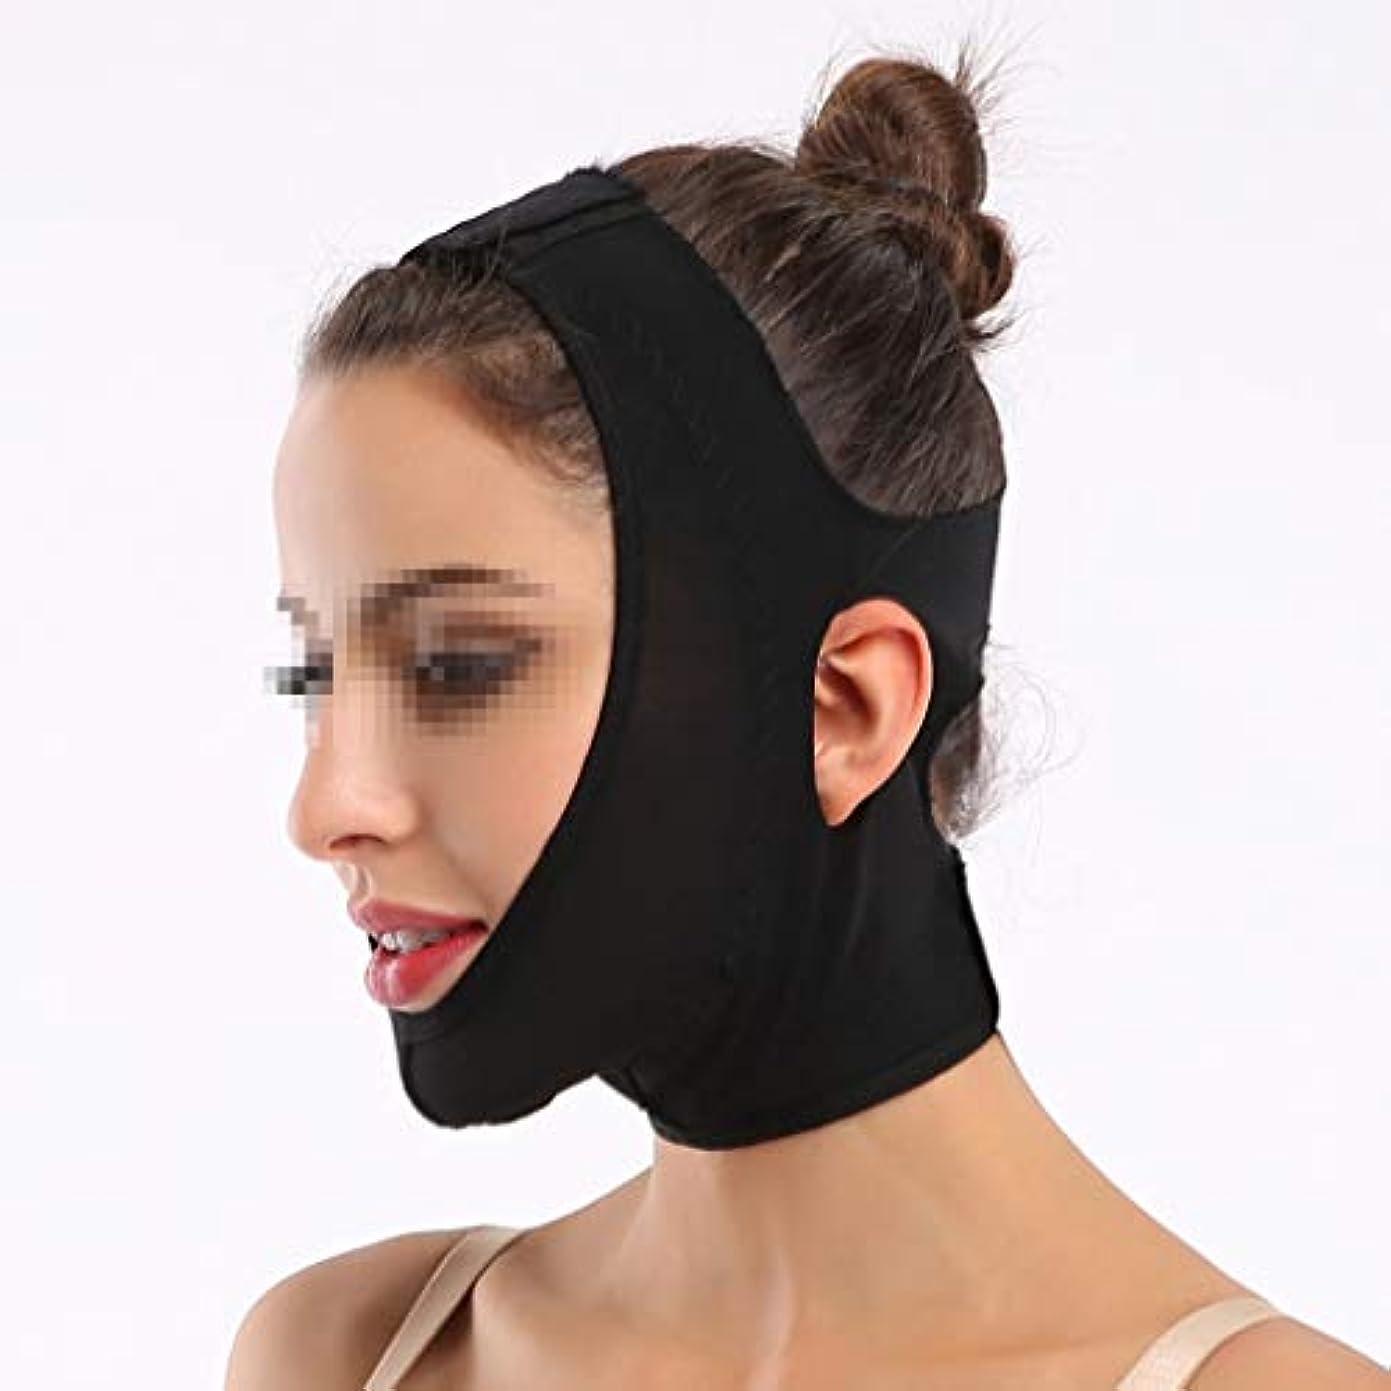 完了バタフライ夏Vフェイスマスク、包帯マスクを持ち上げて引き締めるスキニービューティーサロン1日2時間Vフェイスマッサージ術後回復